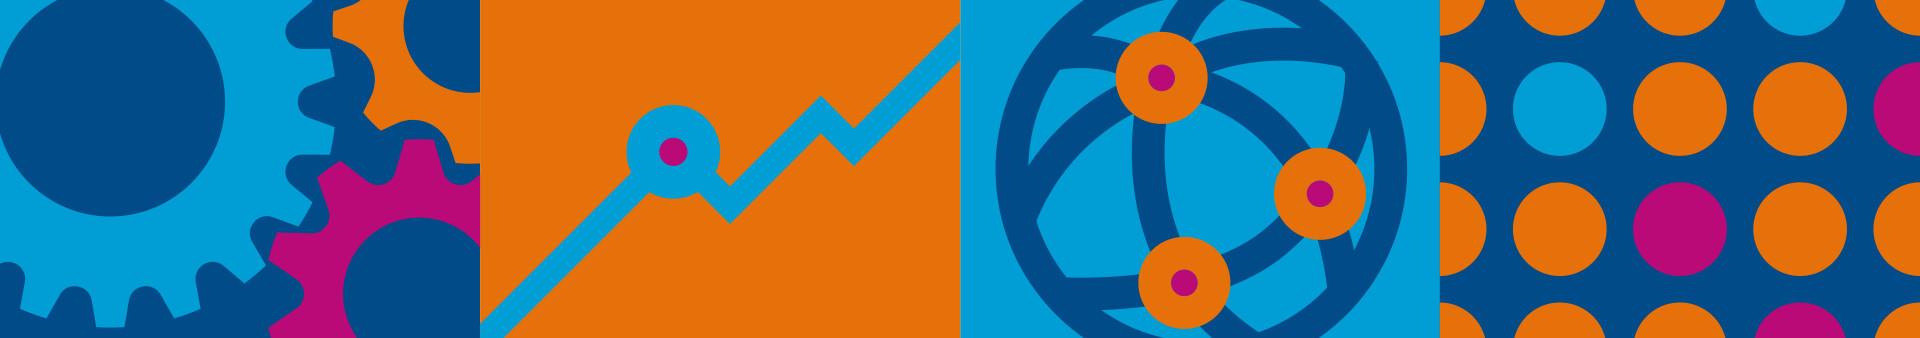 Corporate Design/Eventbranding: Designsystem für den NRW-Außenwirtschaftstag, gestaltet von der Corporate Design Agentur 31M